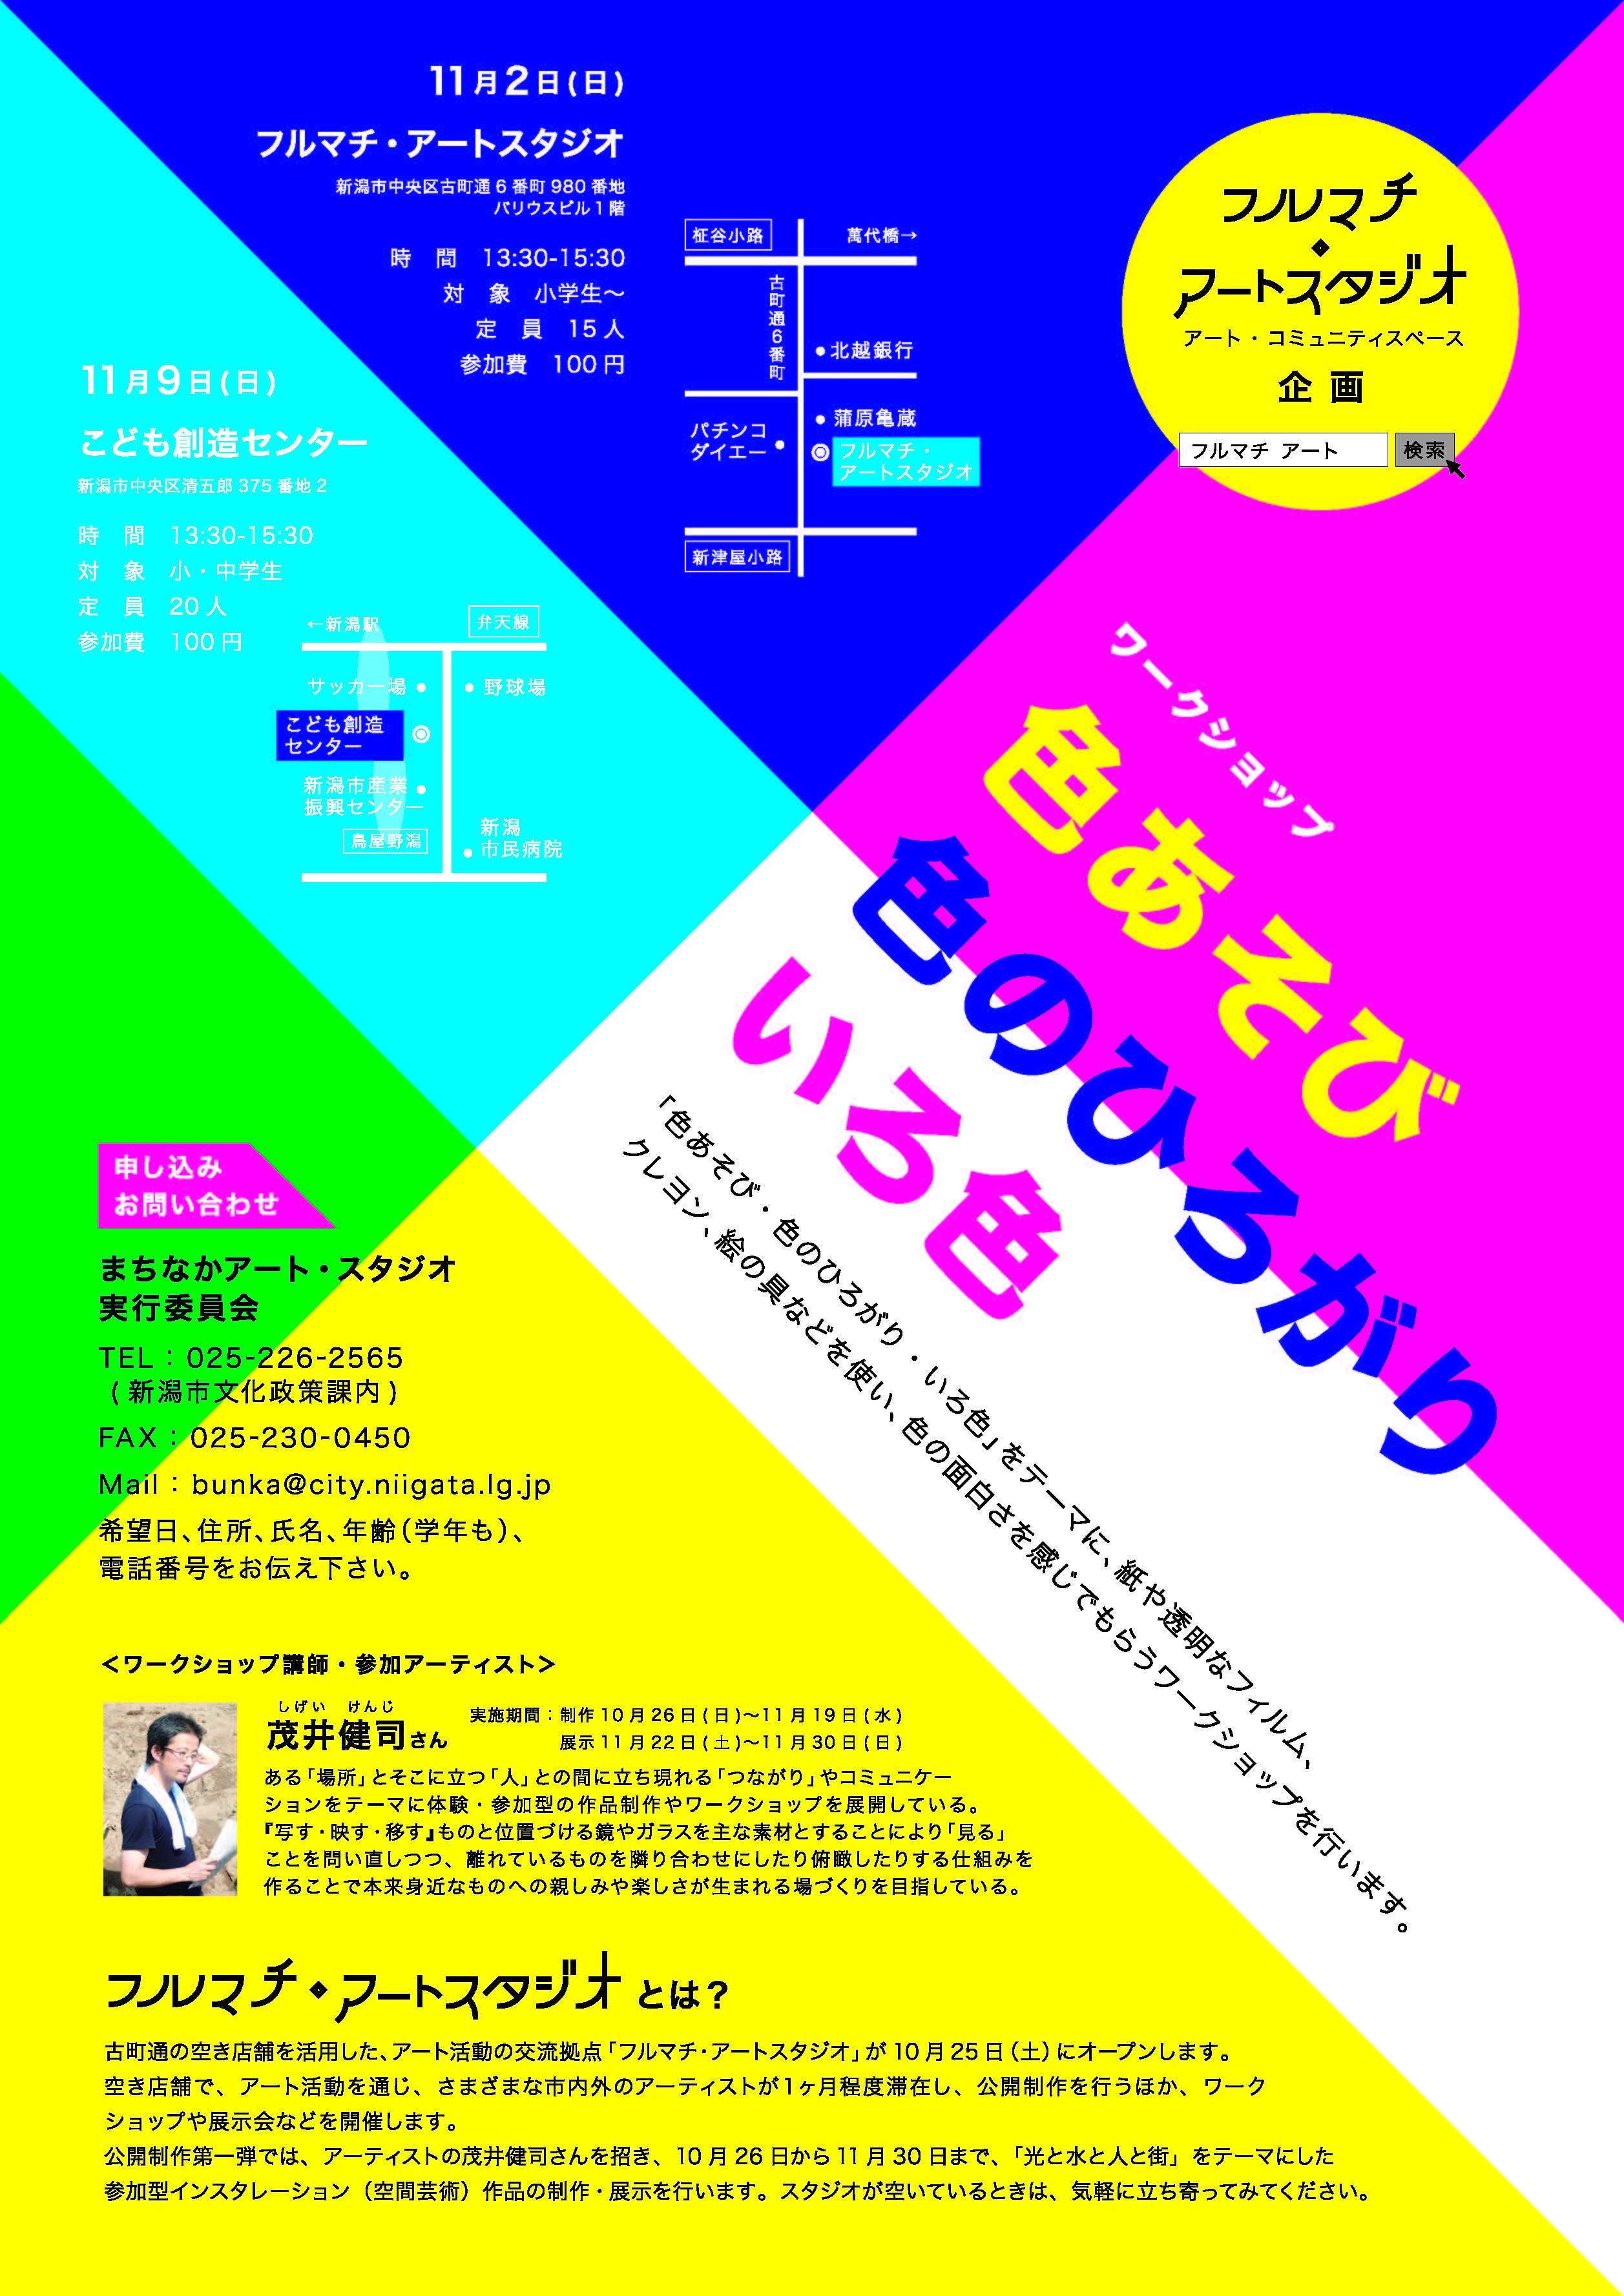 【イベント】11/2・9 「色あそび・色のひろがり・いろ色」茂井健司ワークショップ